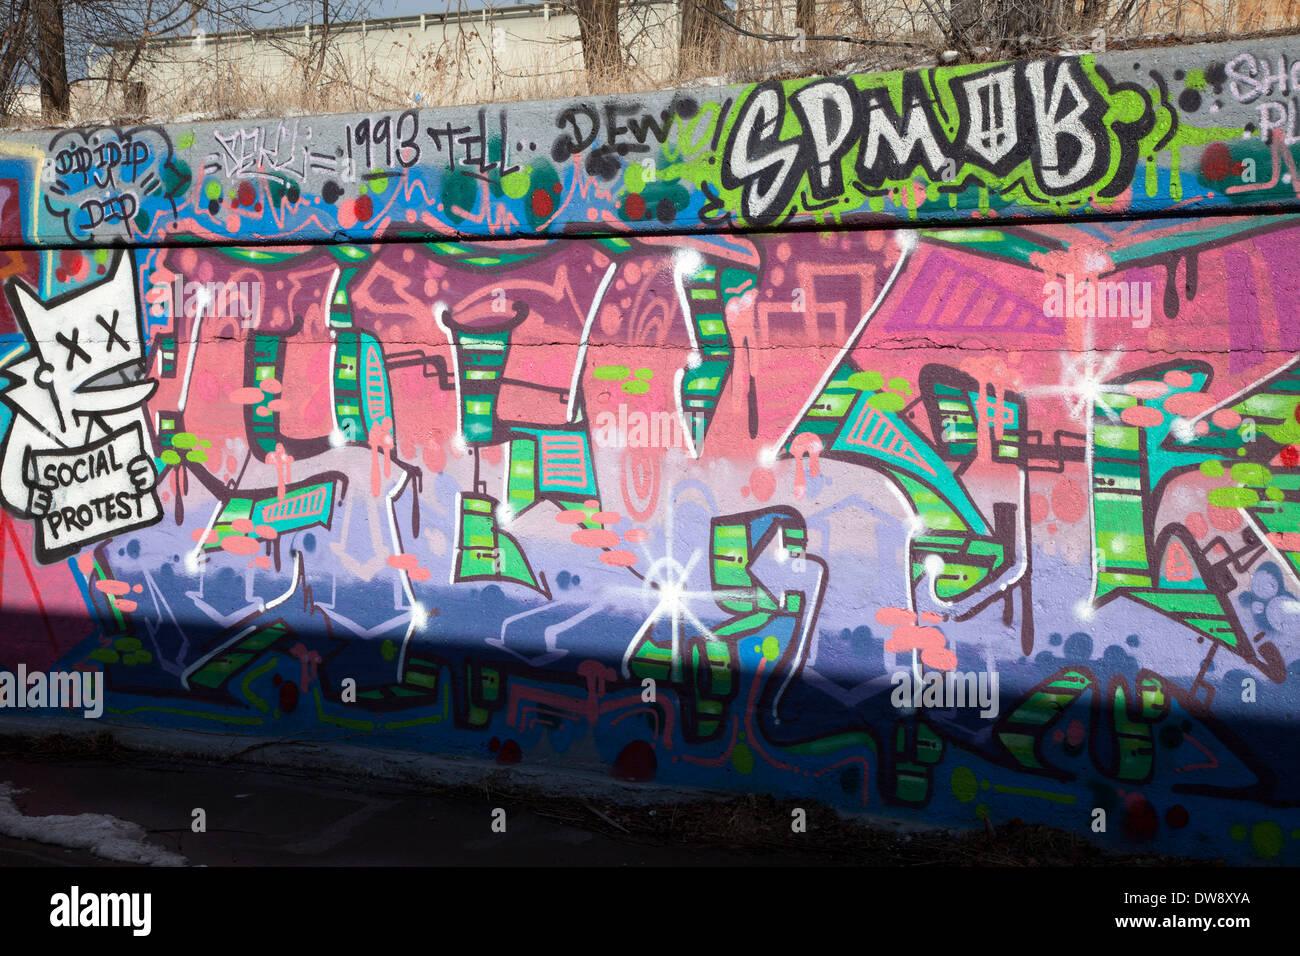 Graffiti on wall detroit michigan usa stock image